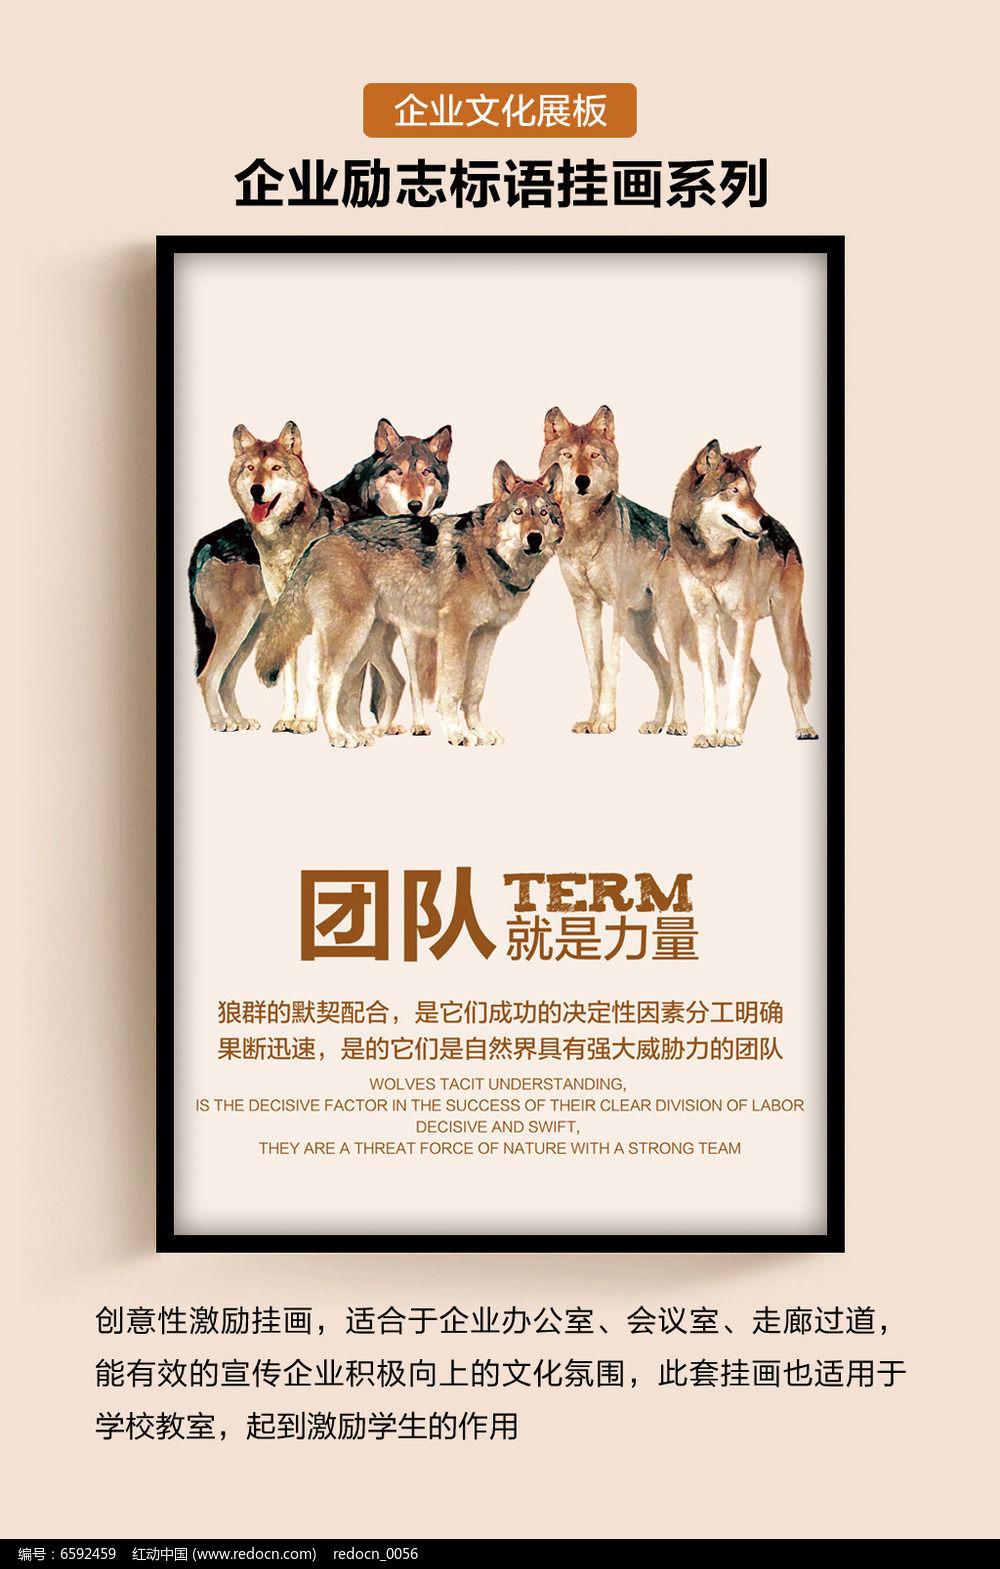 企业励志标语挂画狼团队展板图片